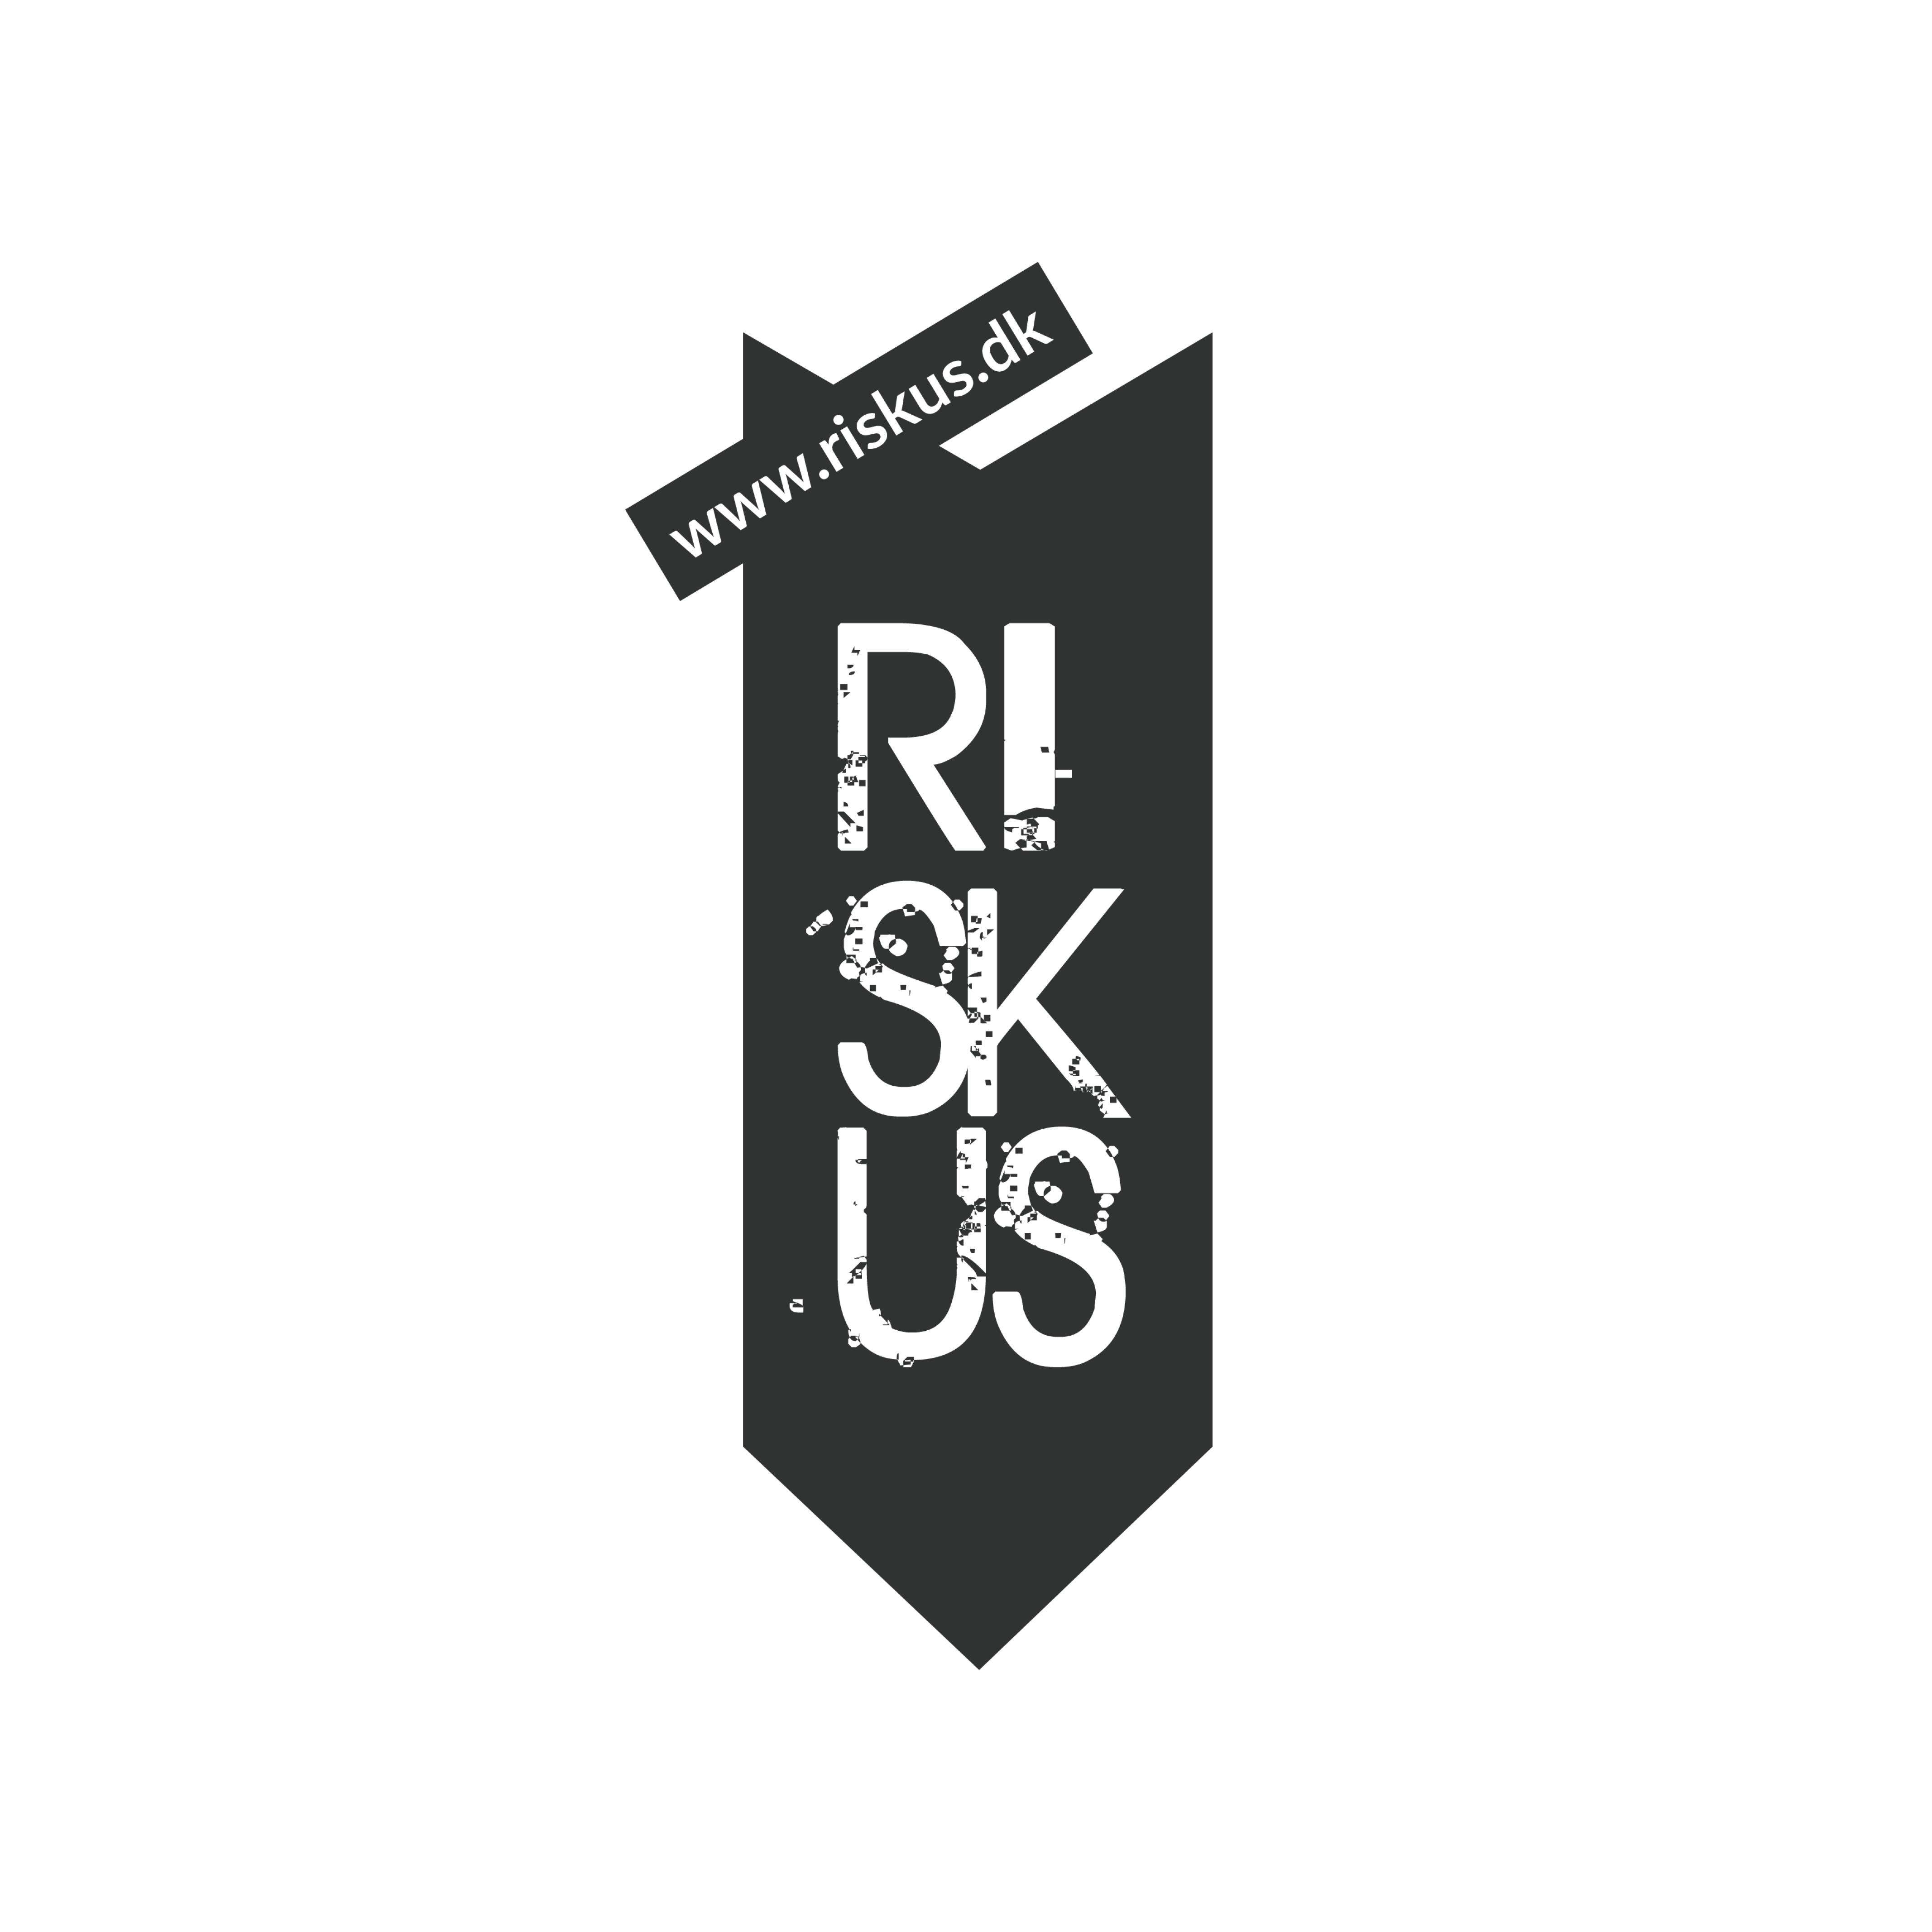 Riskus_Instagram